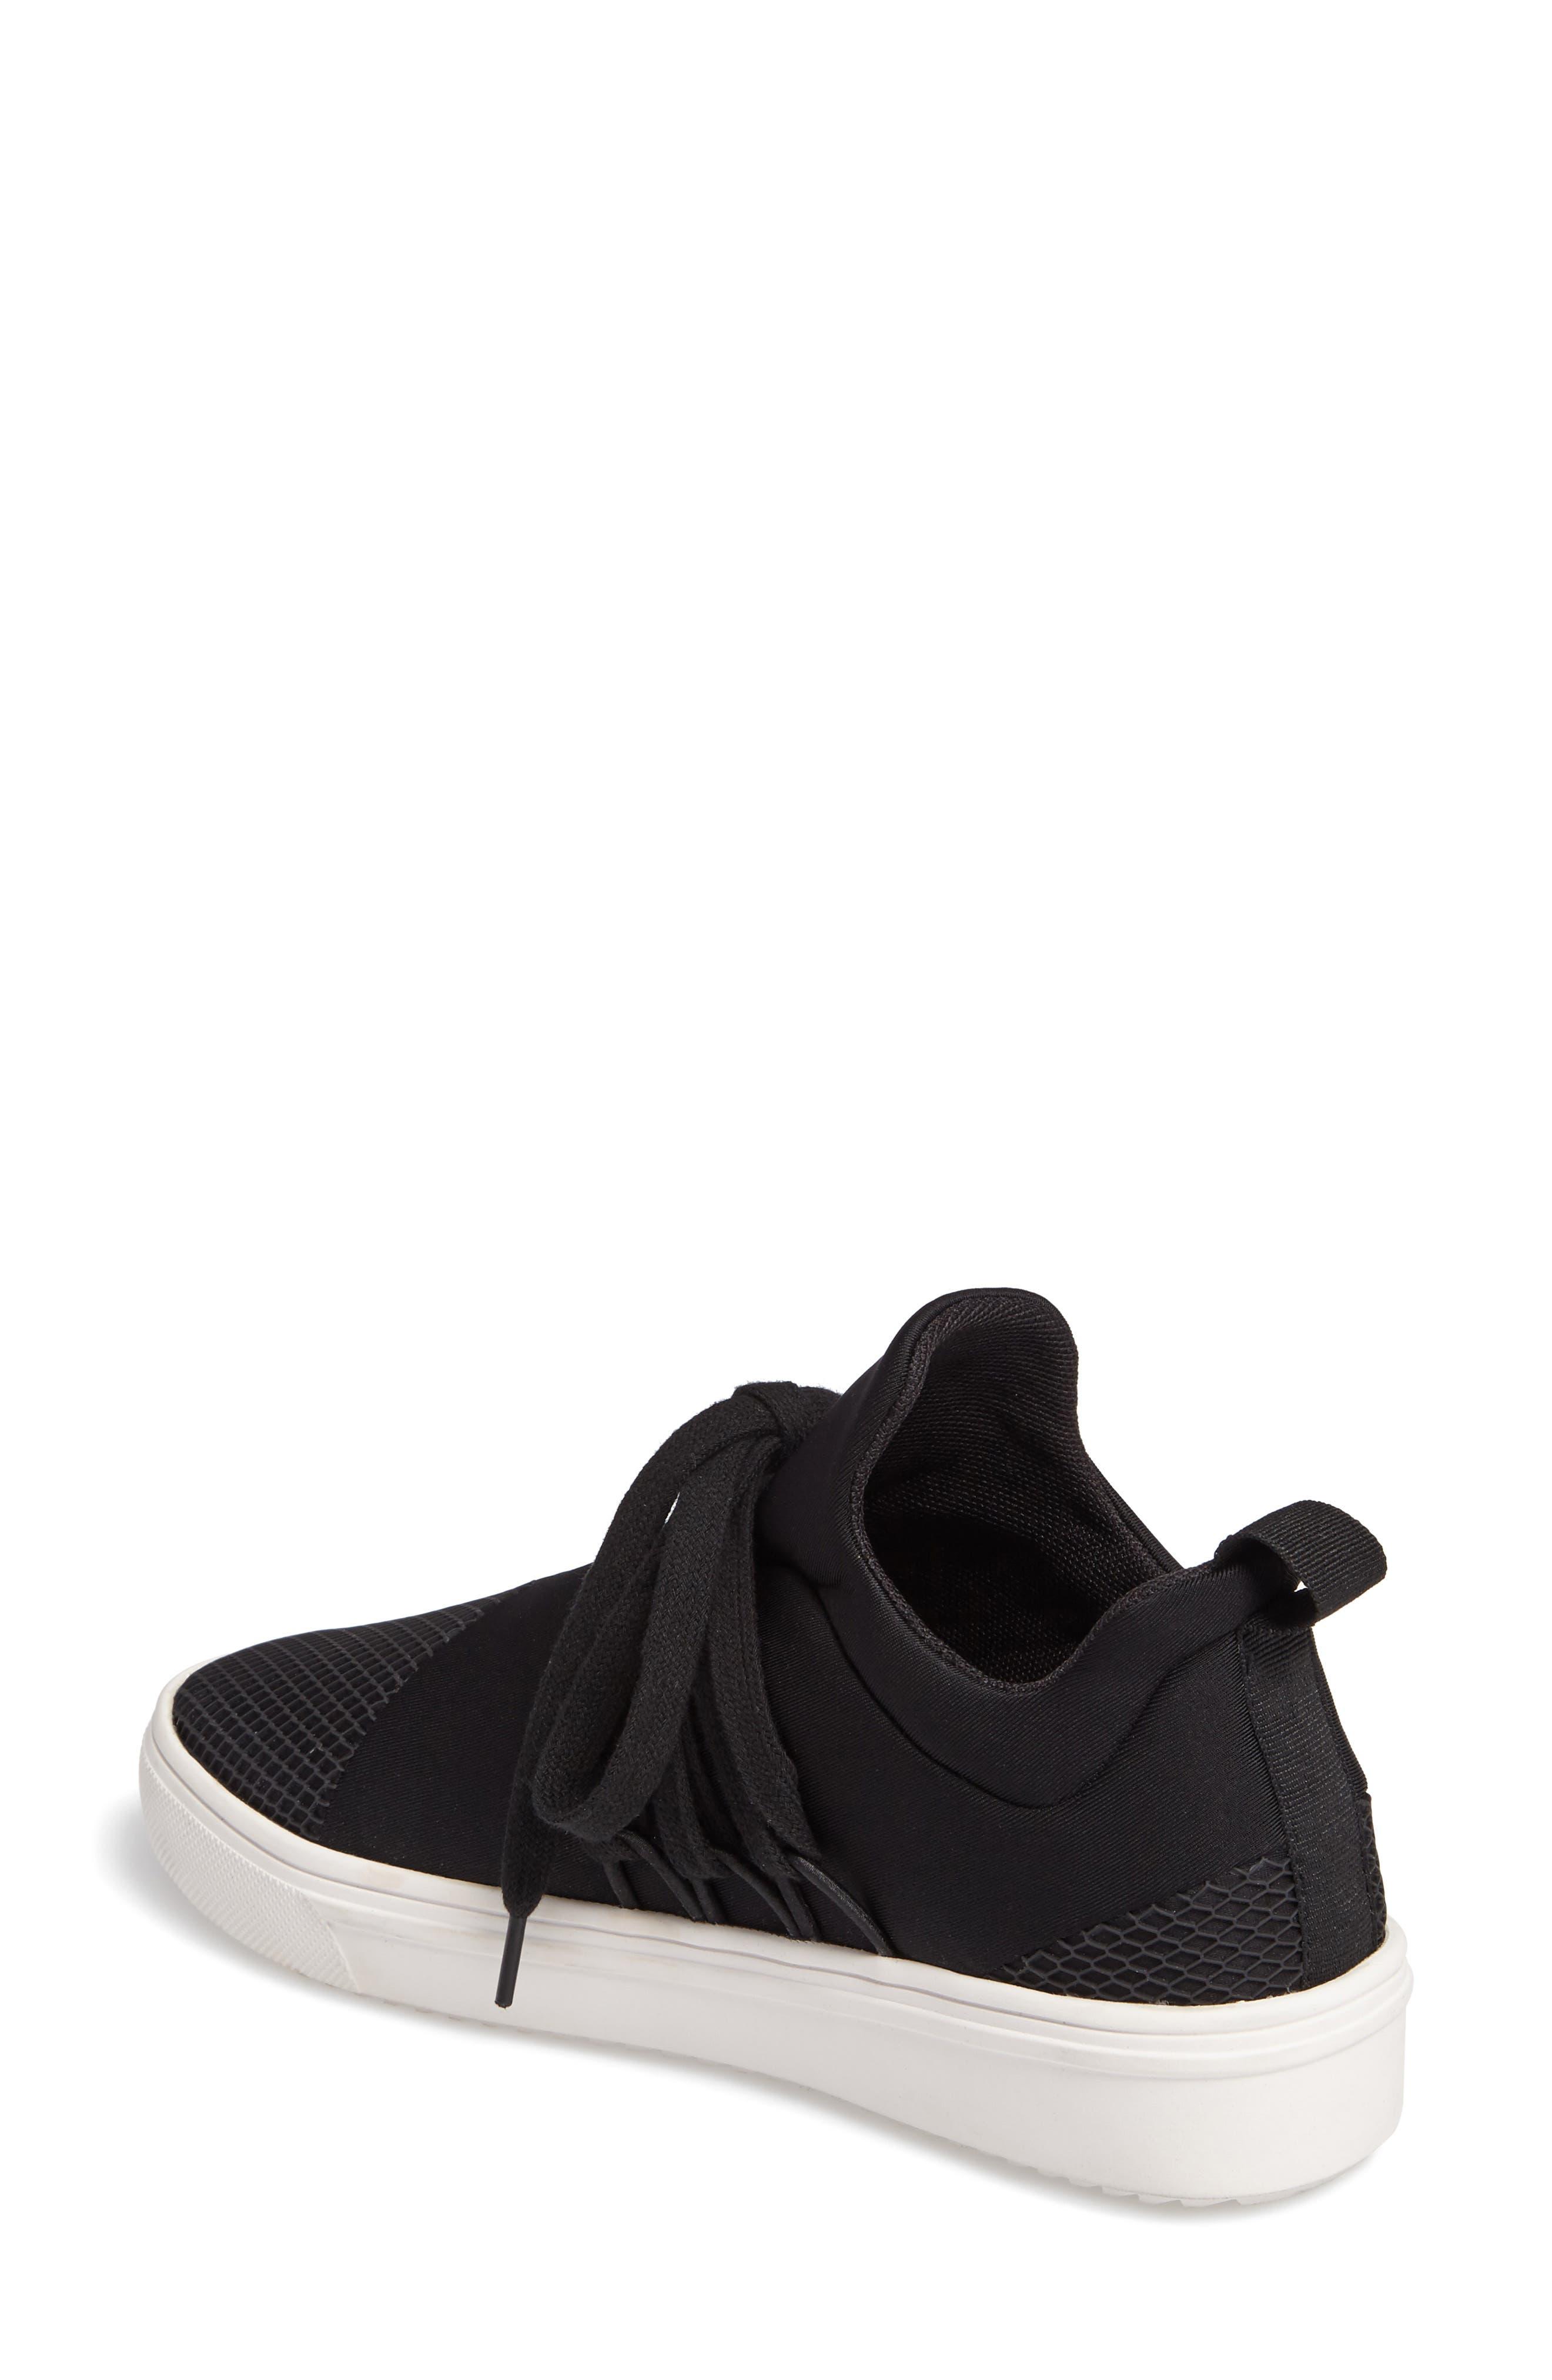 Lancer Sneaker,                             Alternate thumbnail 2, color,                             BLACK